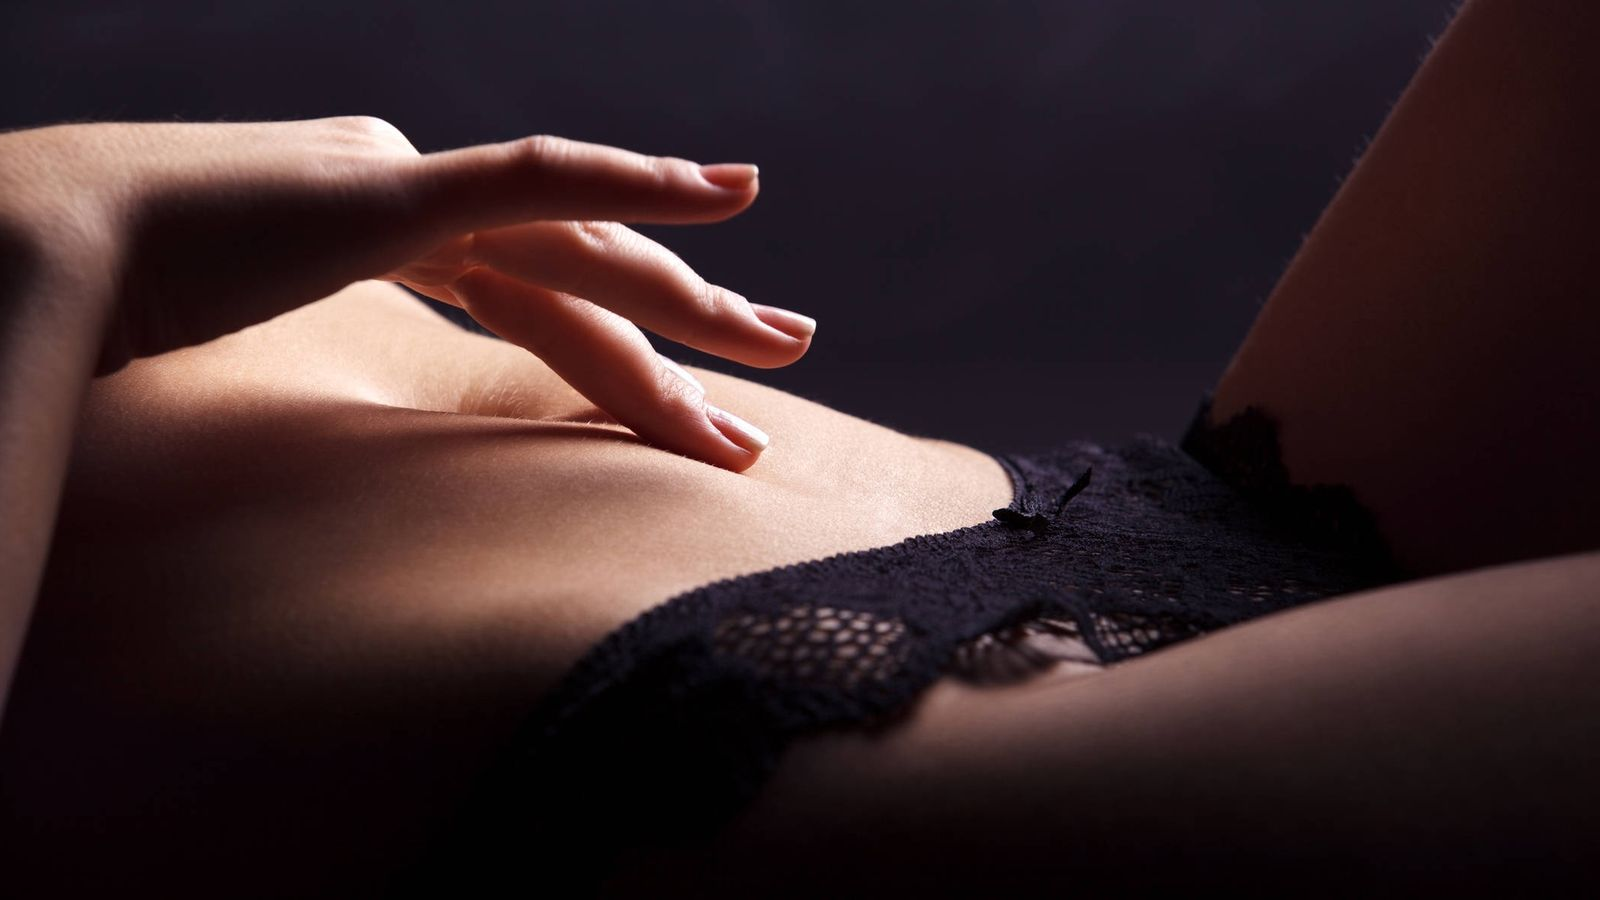 Foto: El autoplacer femenino ha estado estigmatizado durante siglos. (iStock)